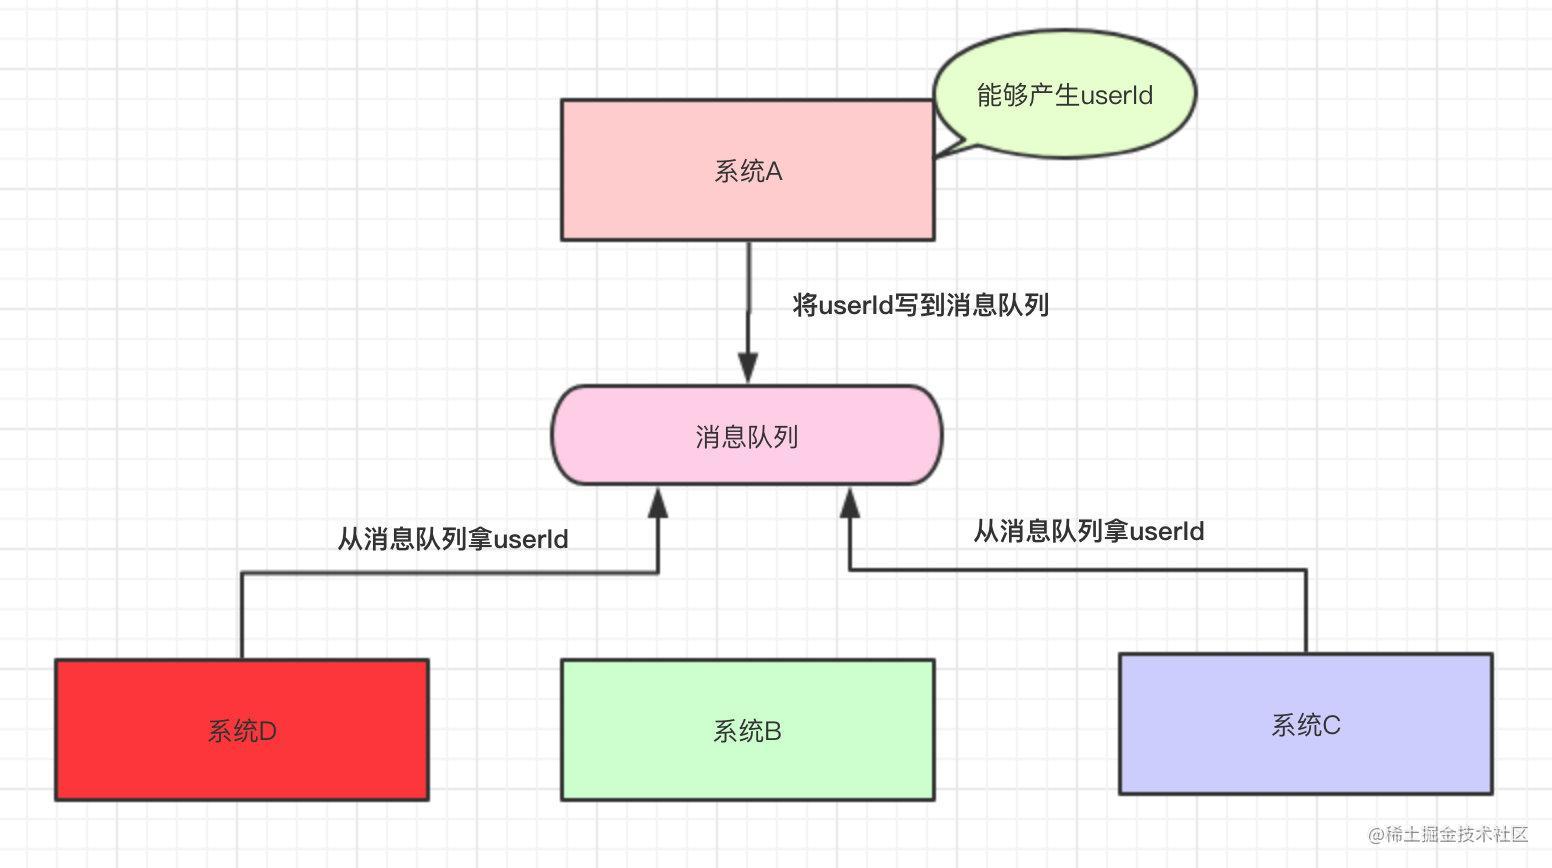 系统A将userId写到消息队列中,系统C和系统D从消息队列中拿数据